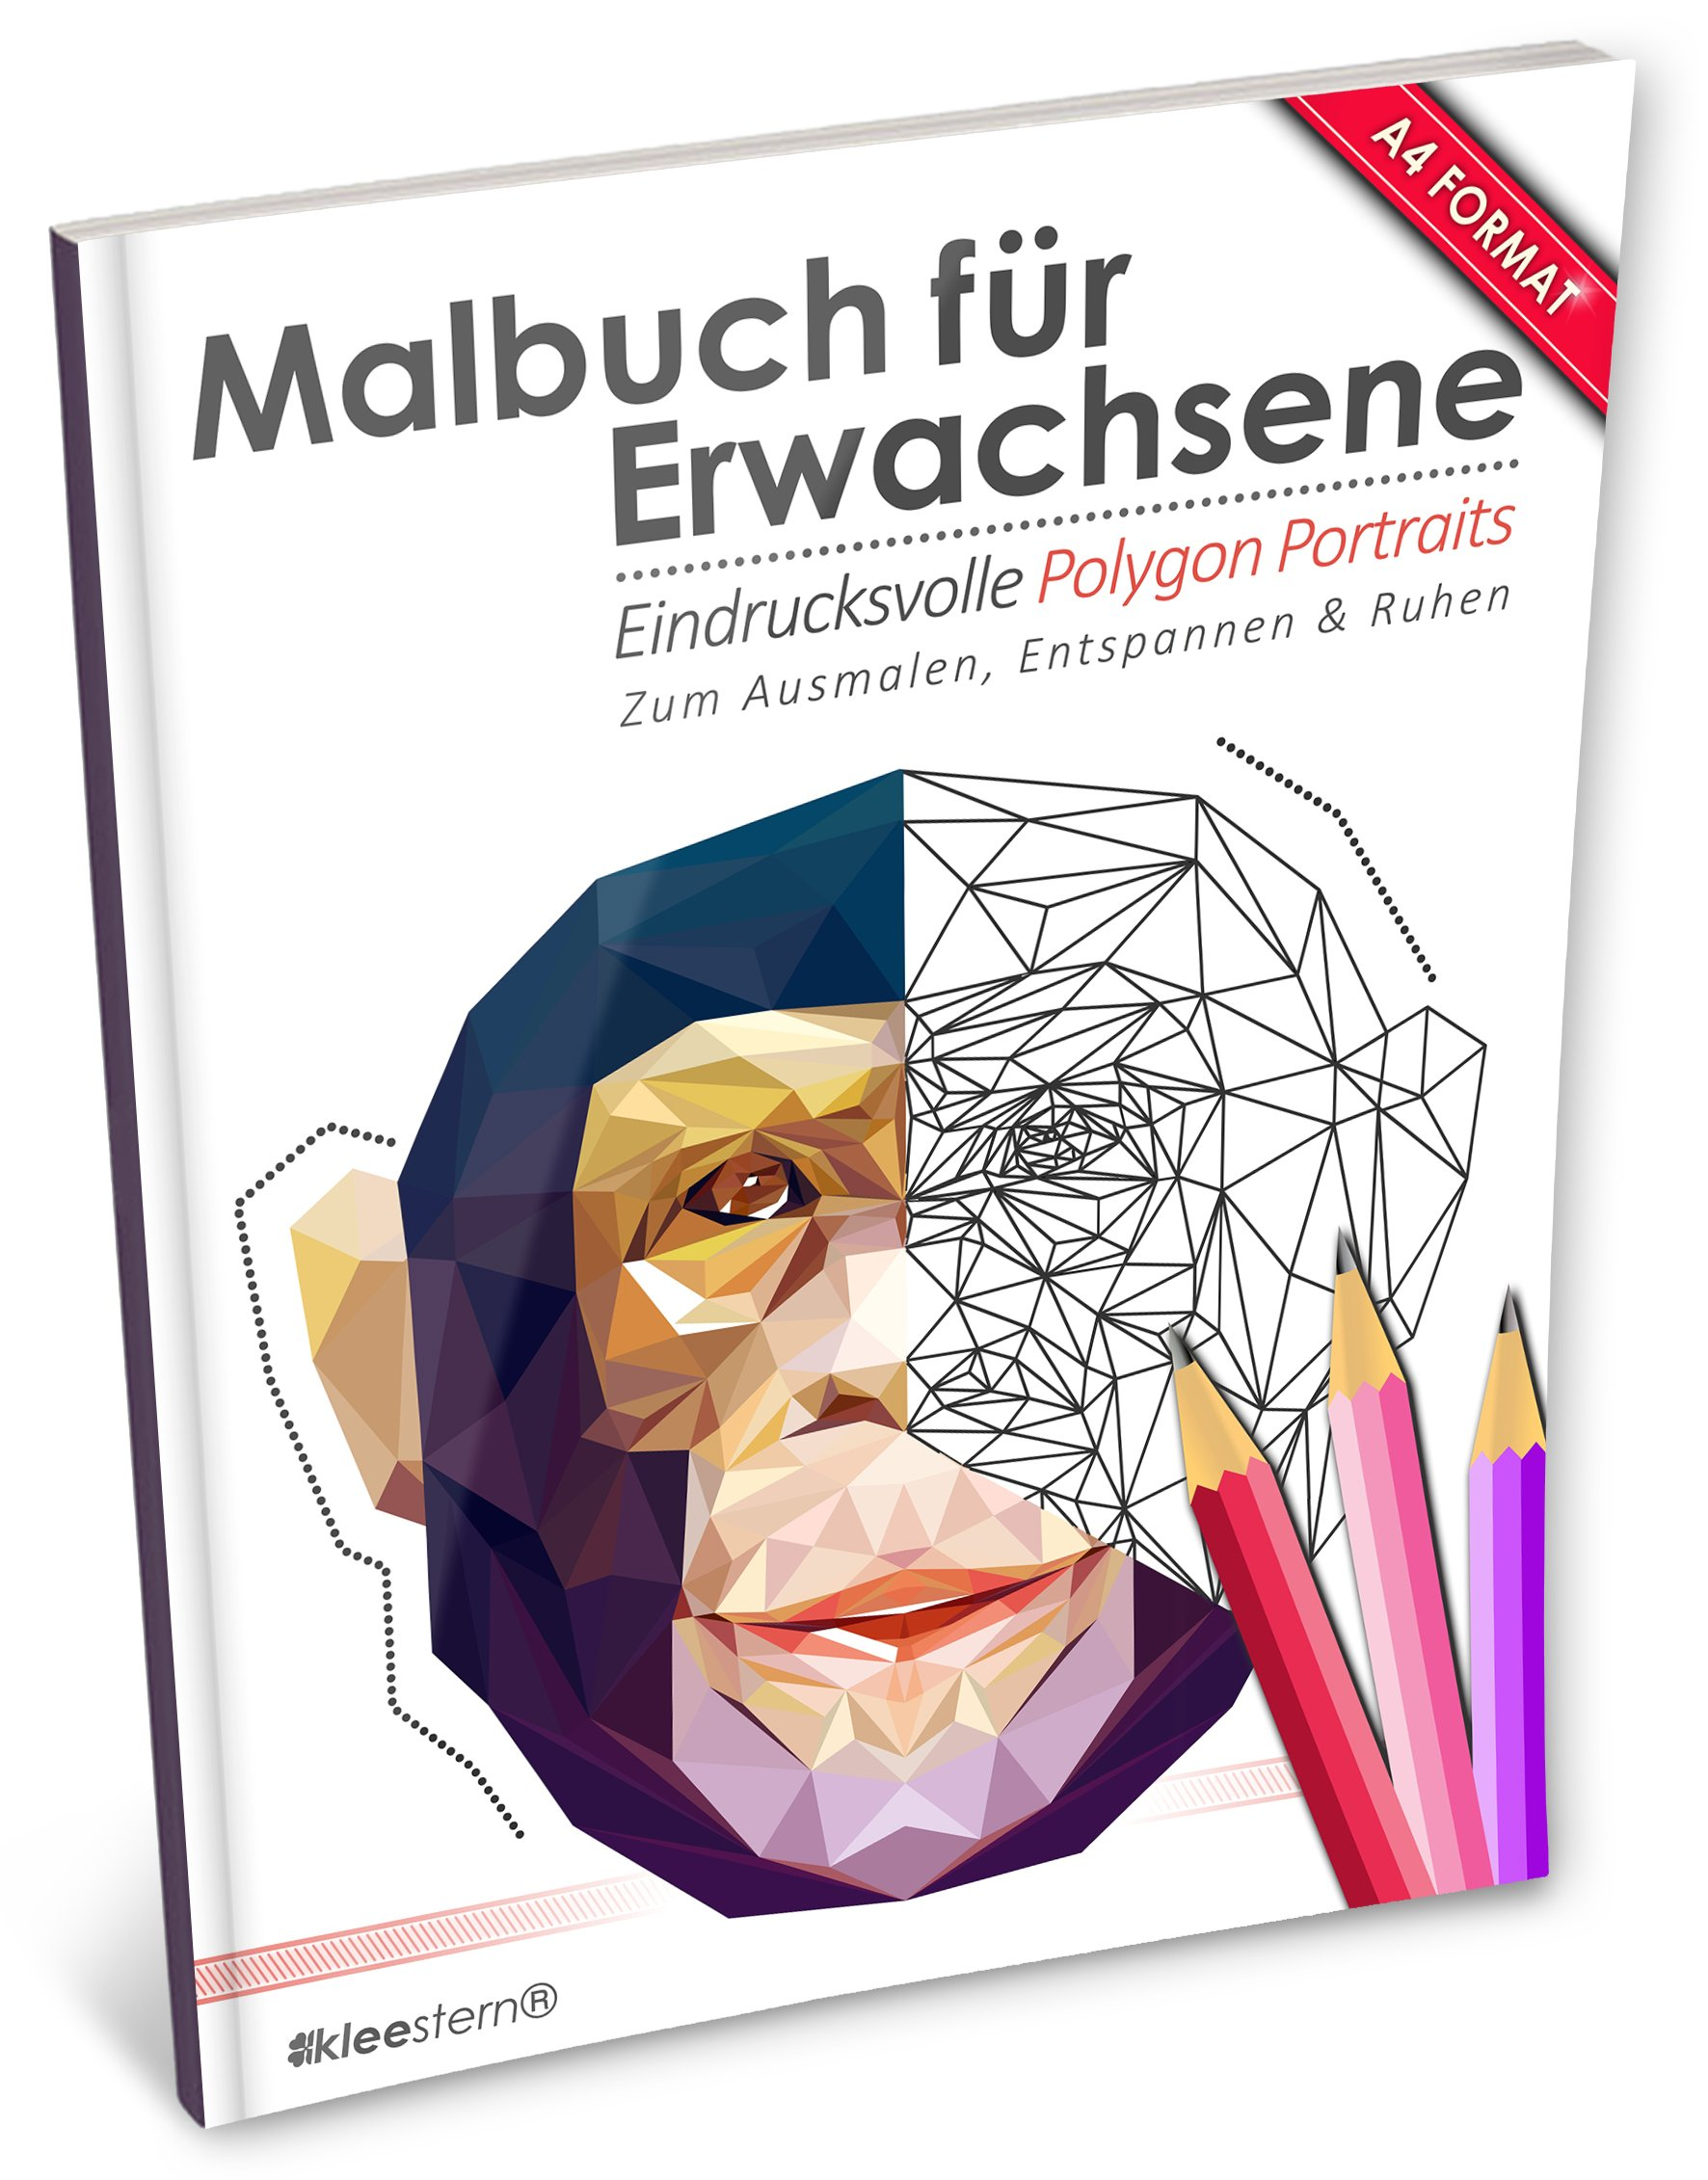 Malbuch Für Erwachsene  Eindrucksvolle Polygon Portraits  Kleestern® A4 Format 40+ Motive   A4 Malbuch Für Erwachsene Band 17